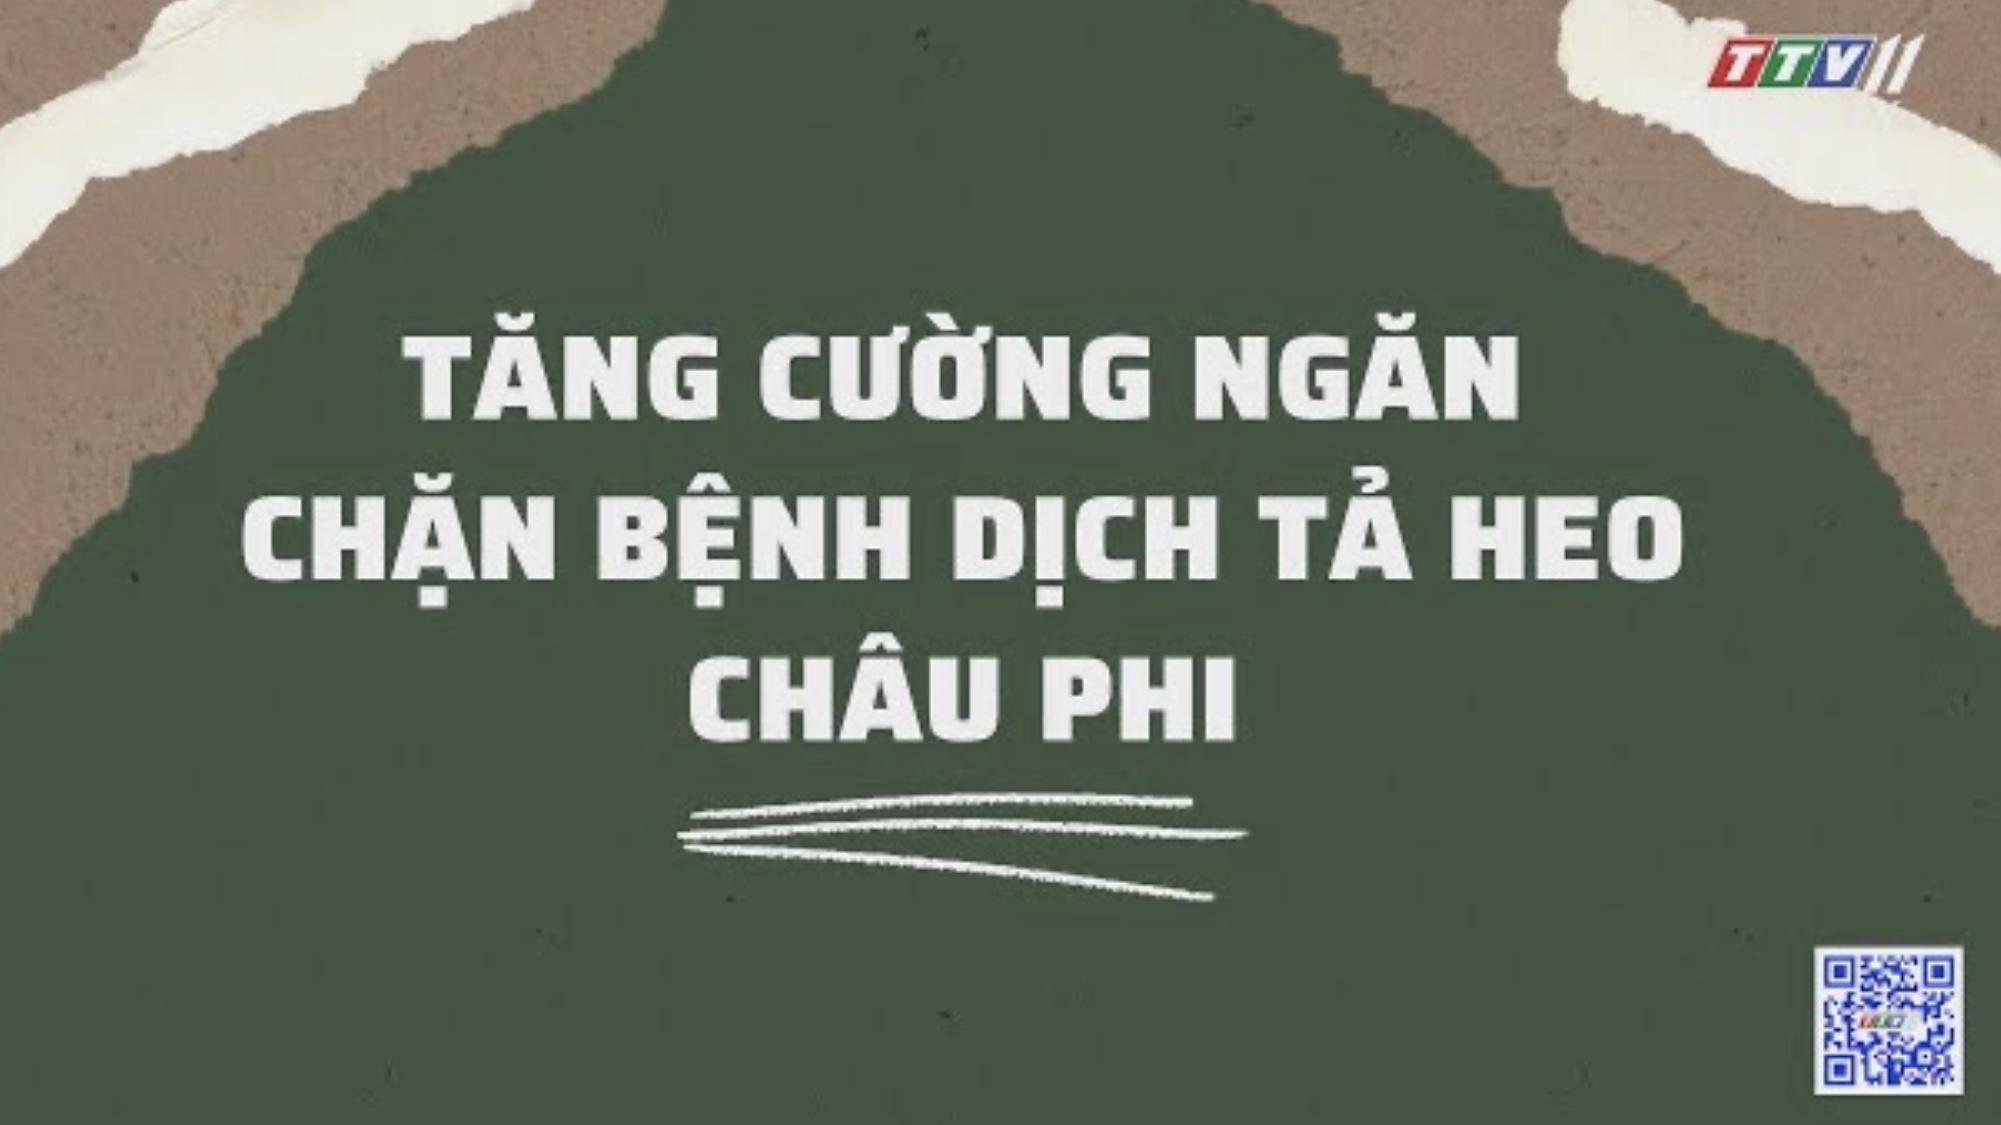 TĂNG CƯỜNG NGĂN CHẶN BỆNH DỊCH TẢ HEO CHÂU PHI | Nông nghiệp Tây Ninh | TayNinhTV